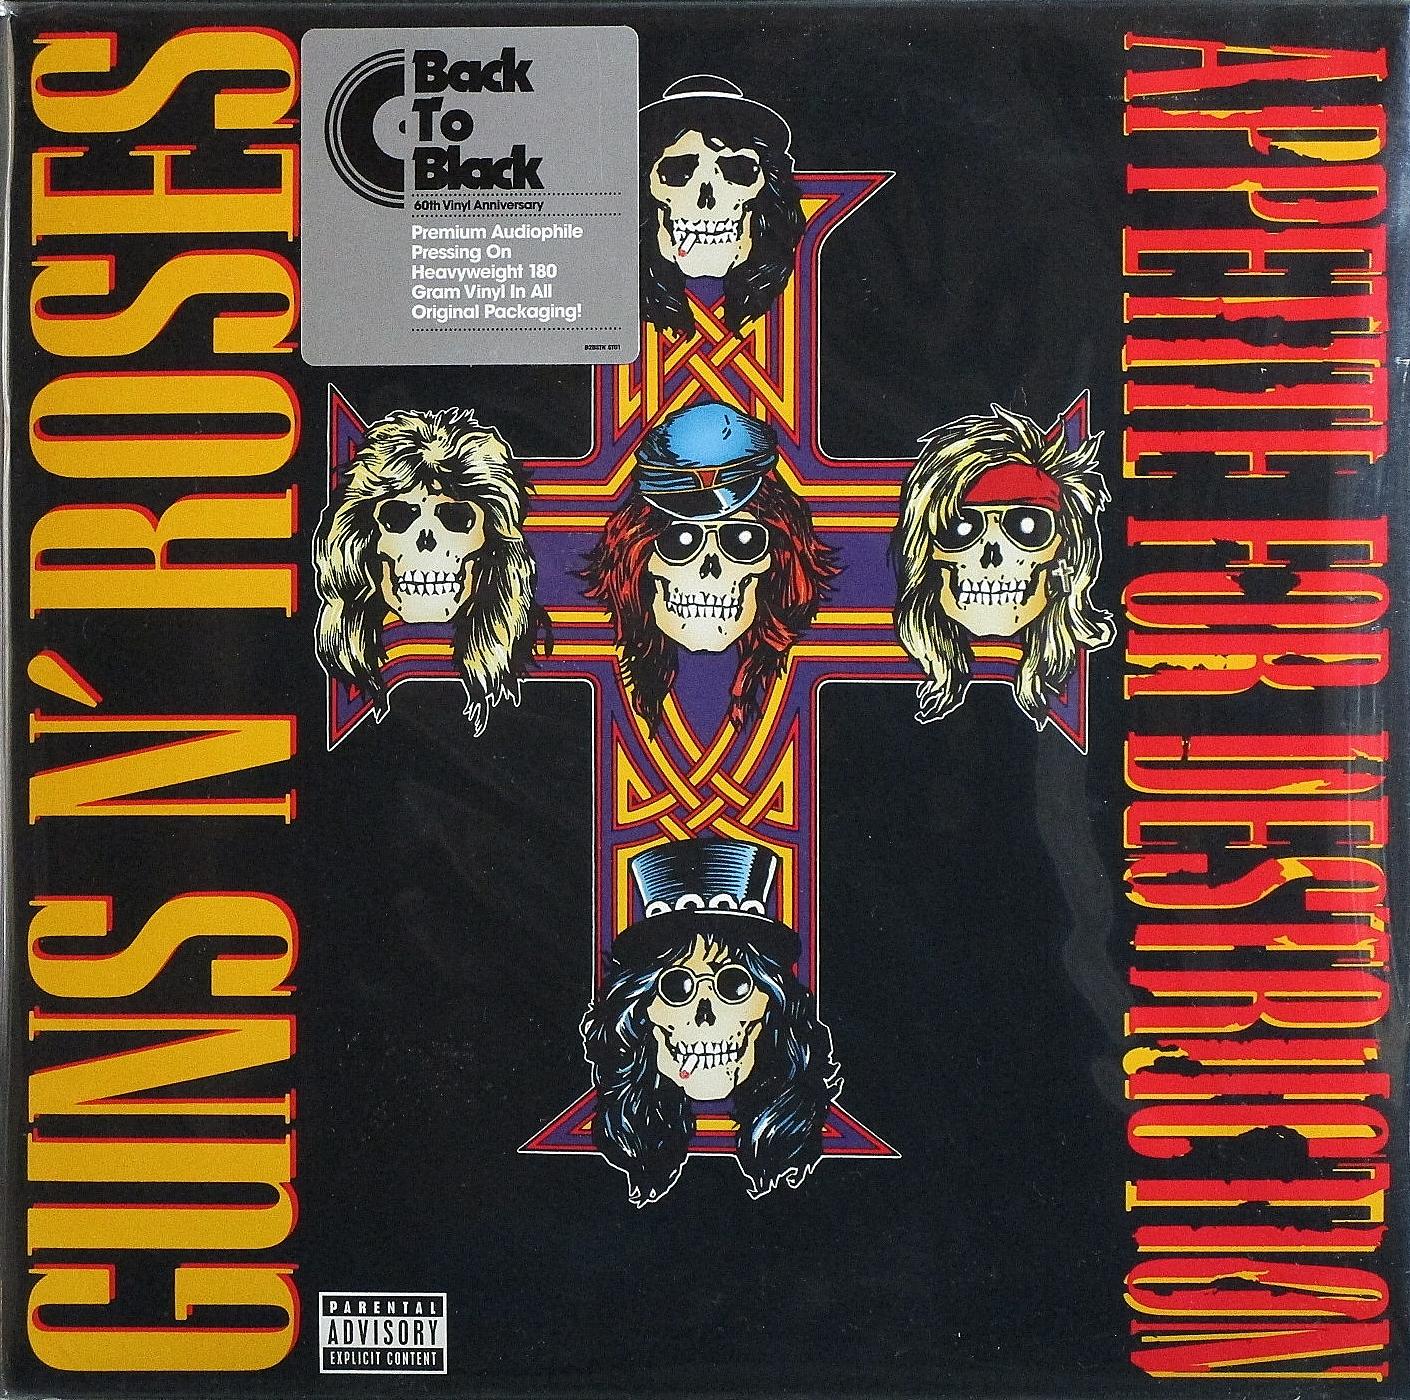 Guns N' Roses ガンズ・アンド・ローゼズ / Appetite For Destruction アペタイト・フォー・ディストラクション 重量盤